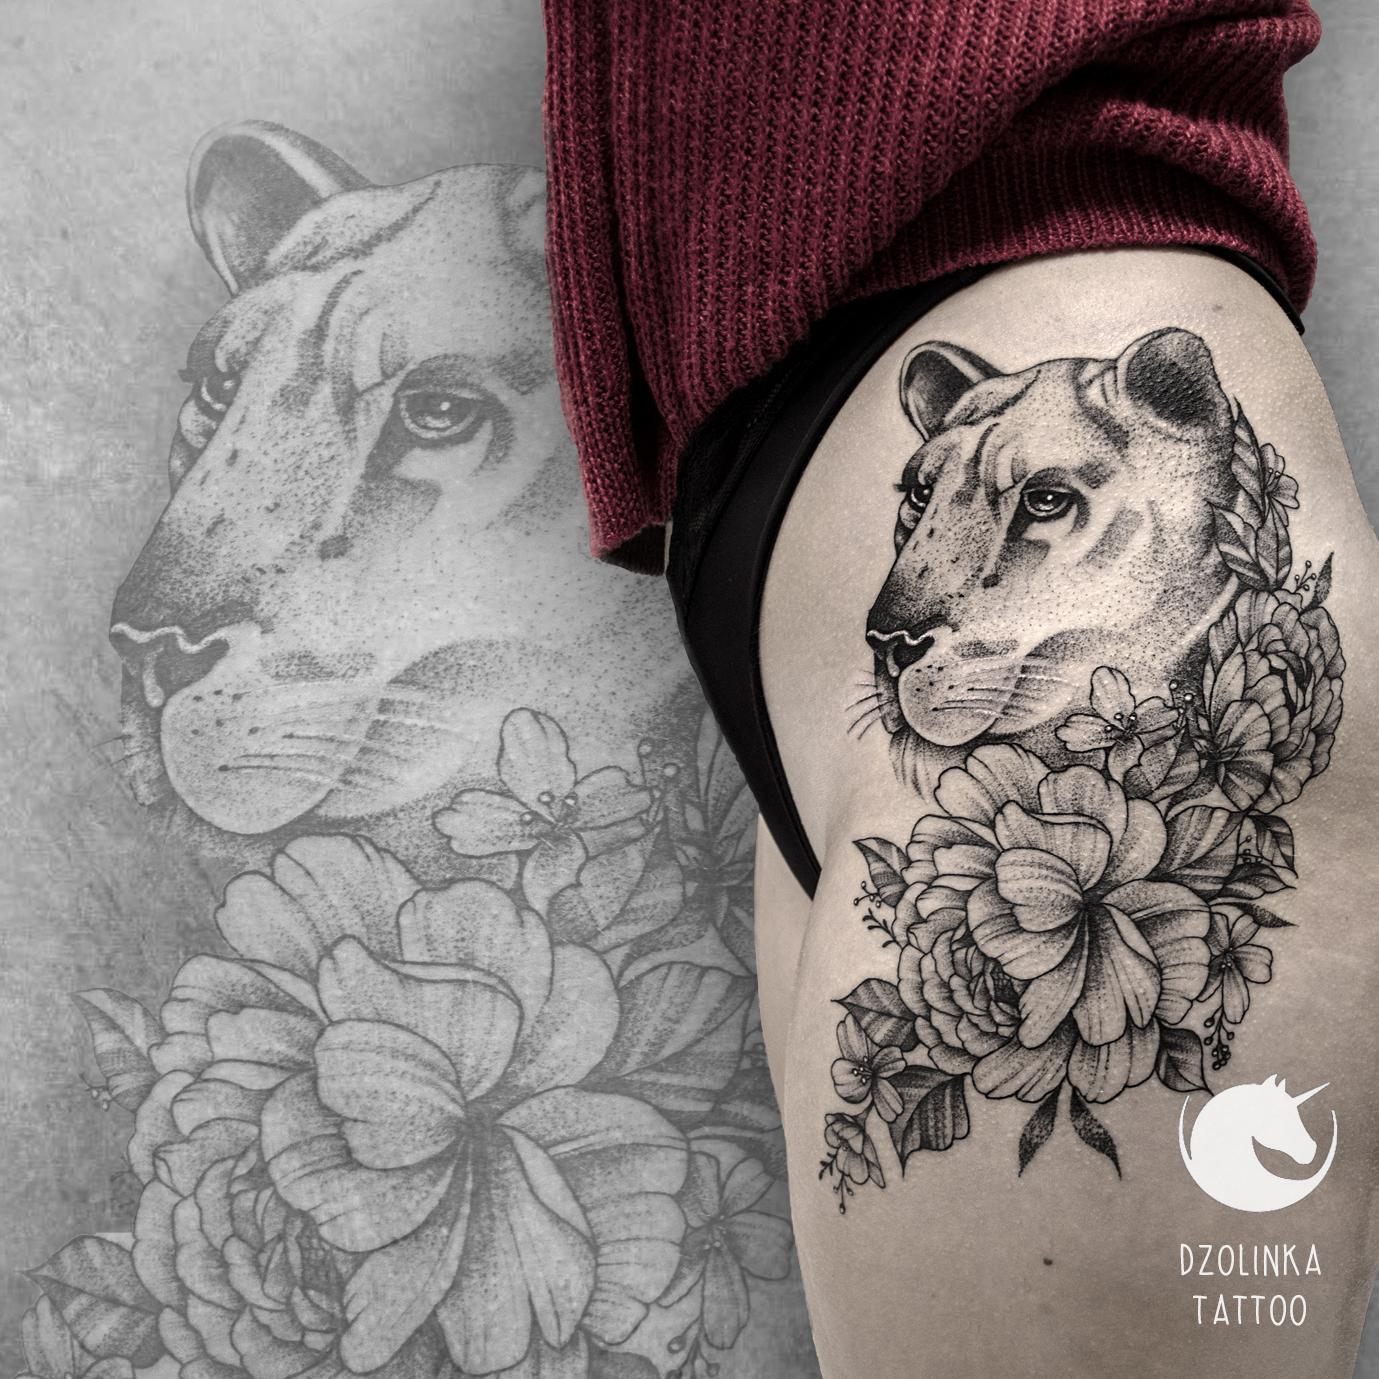 Inksearch tattoo DZOLINKA TATTOO